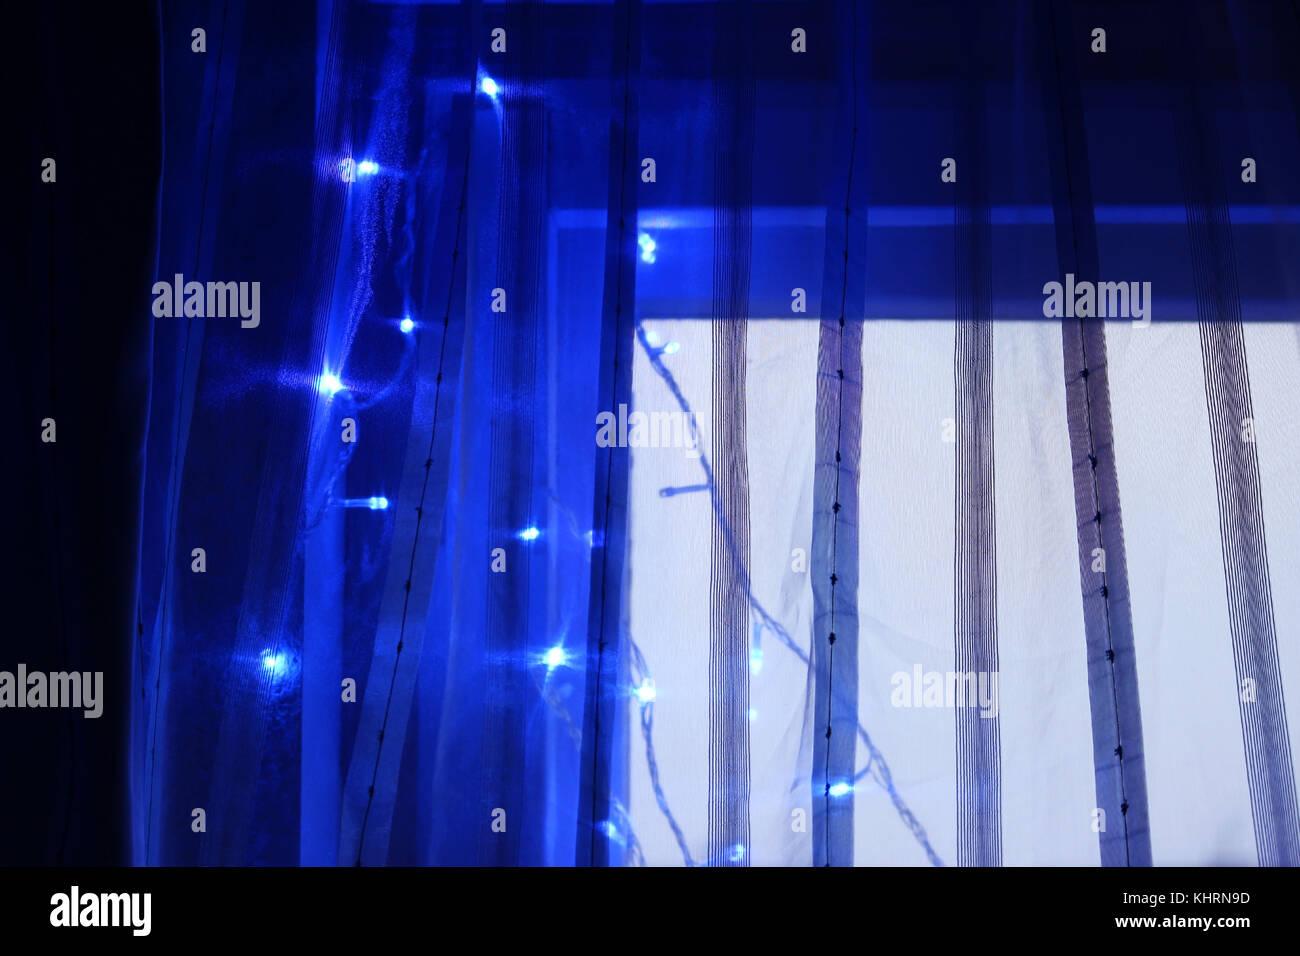 Blaues Licht Lampen Beleuchtung auf einer durchsichtigen Vorhang für die Dekoration im neuen Jahr. Stockbild